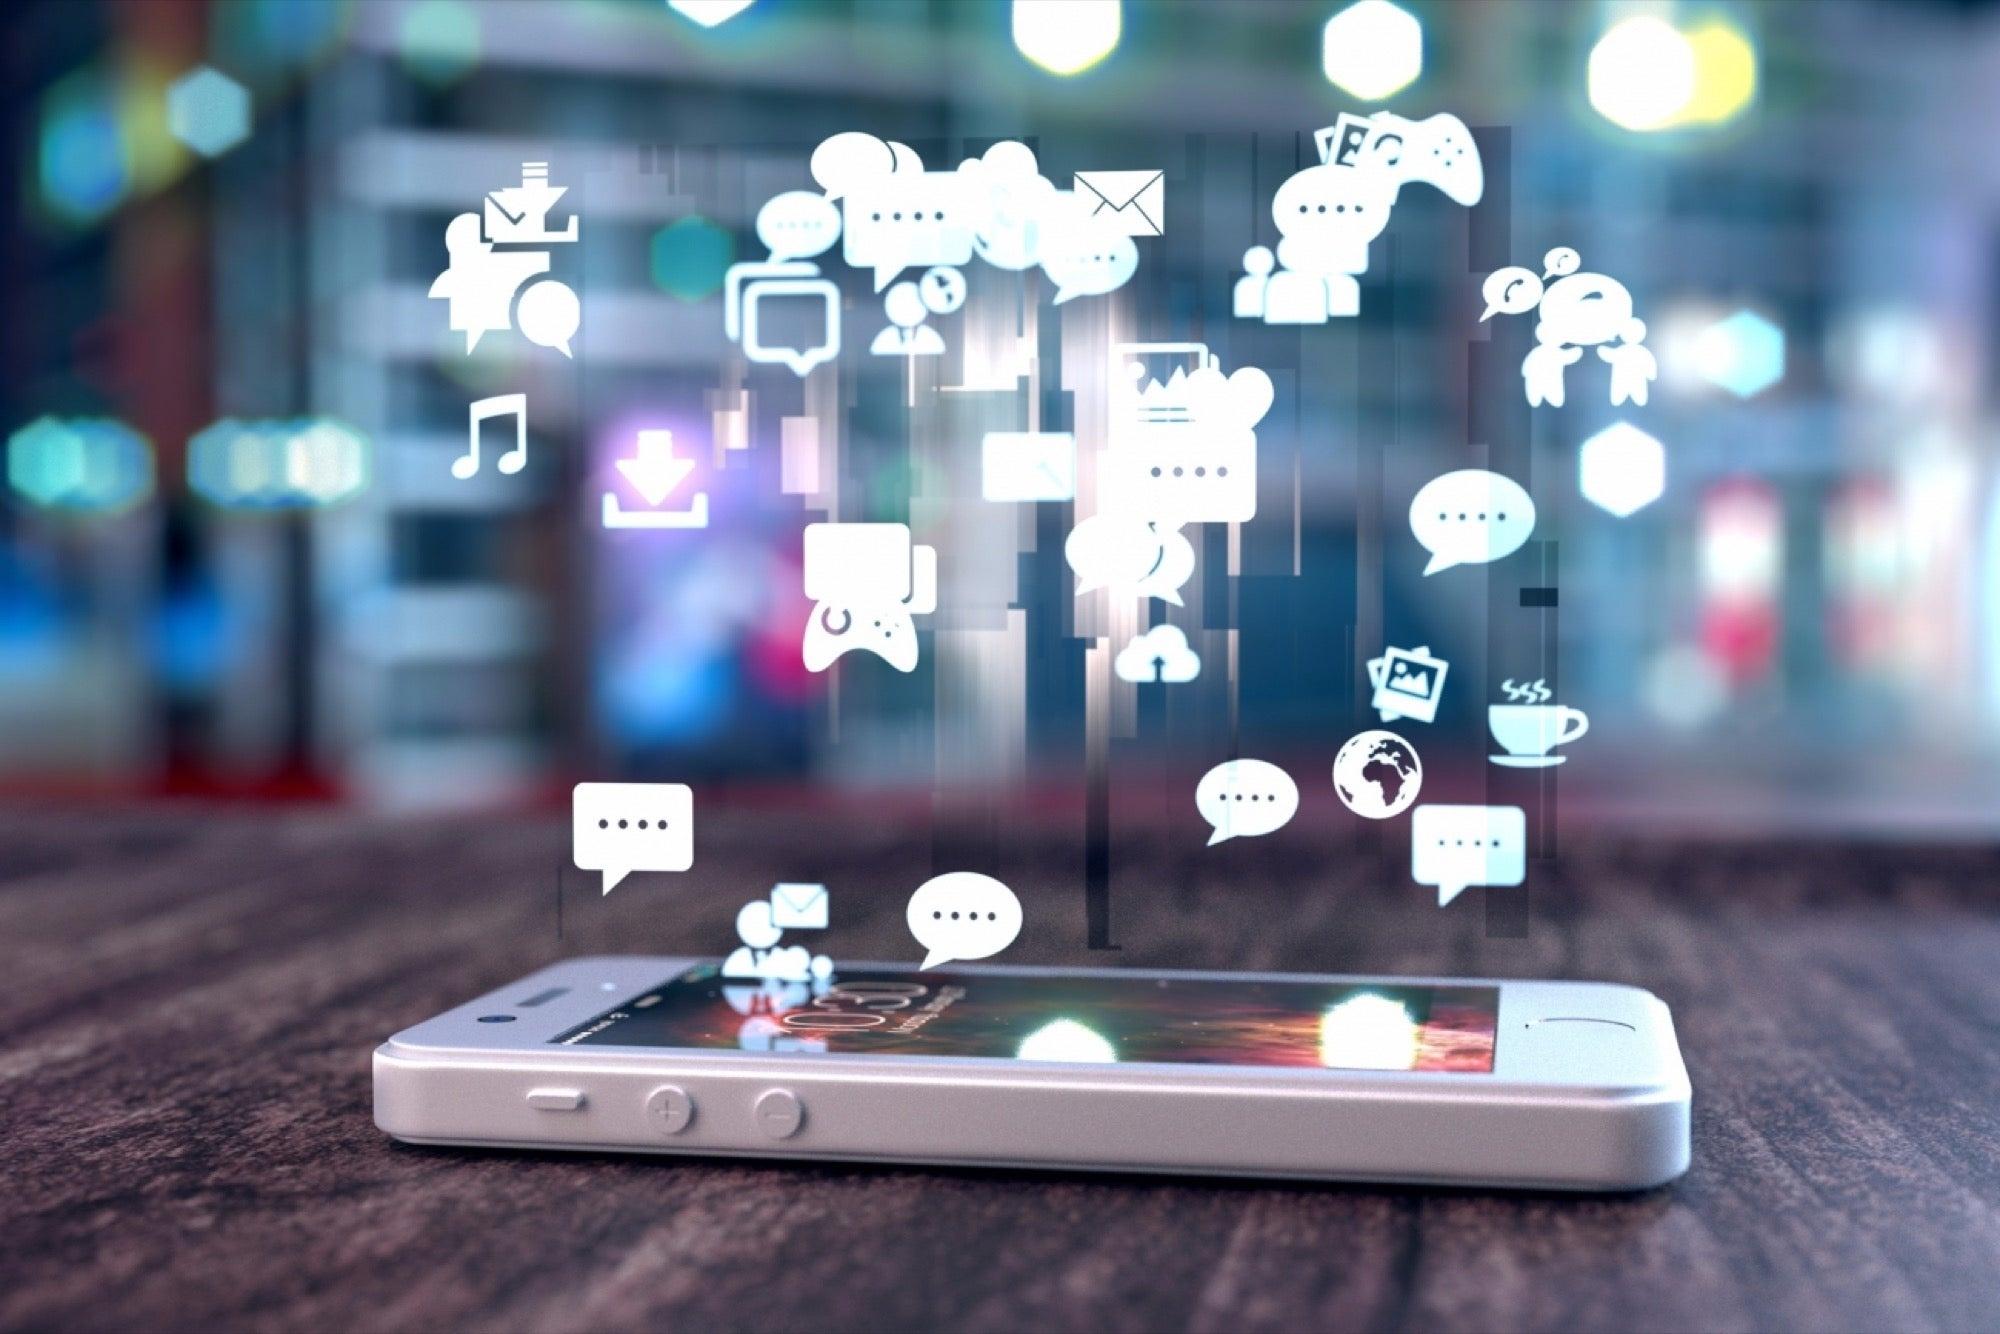 Makig the Most Social Media: Guide for an Enterpreneur